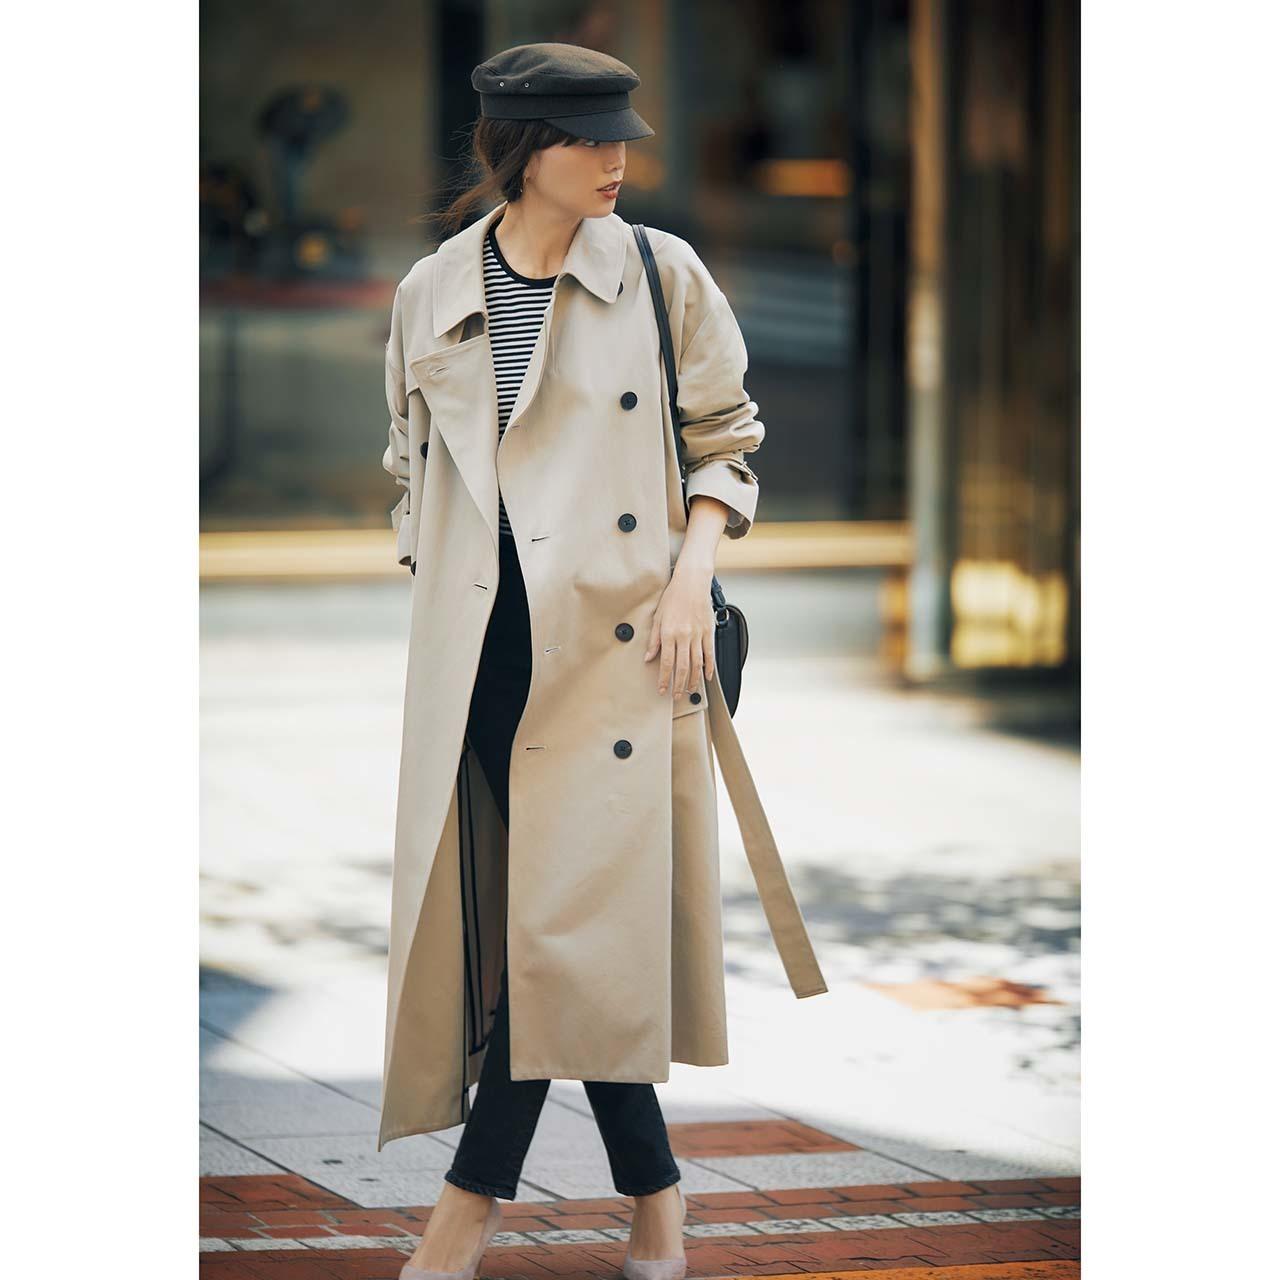 ボーダートップス×トレンチコートのファッションコーデ